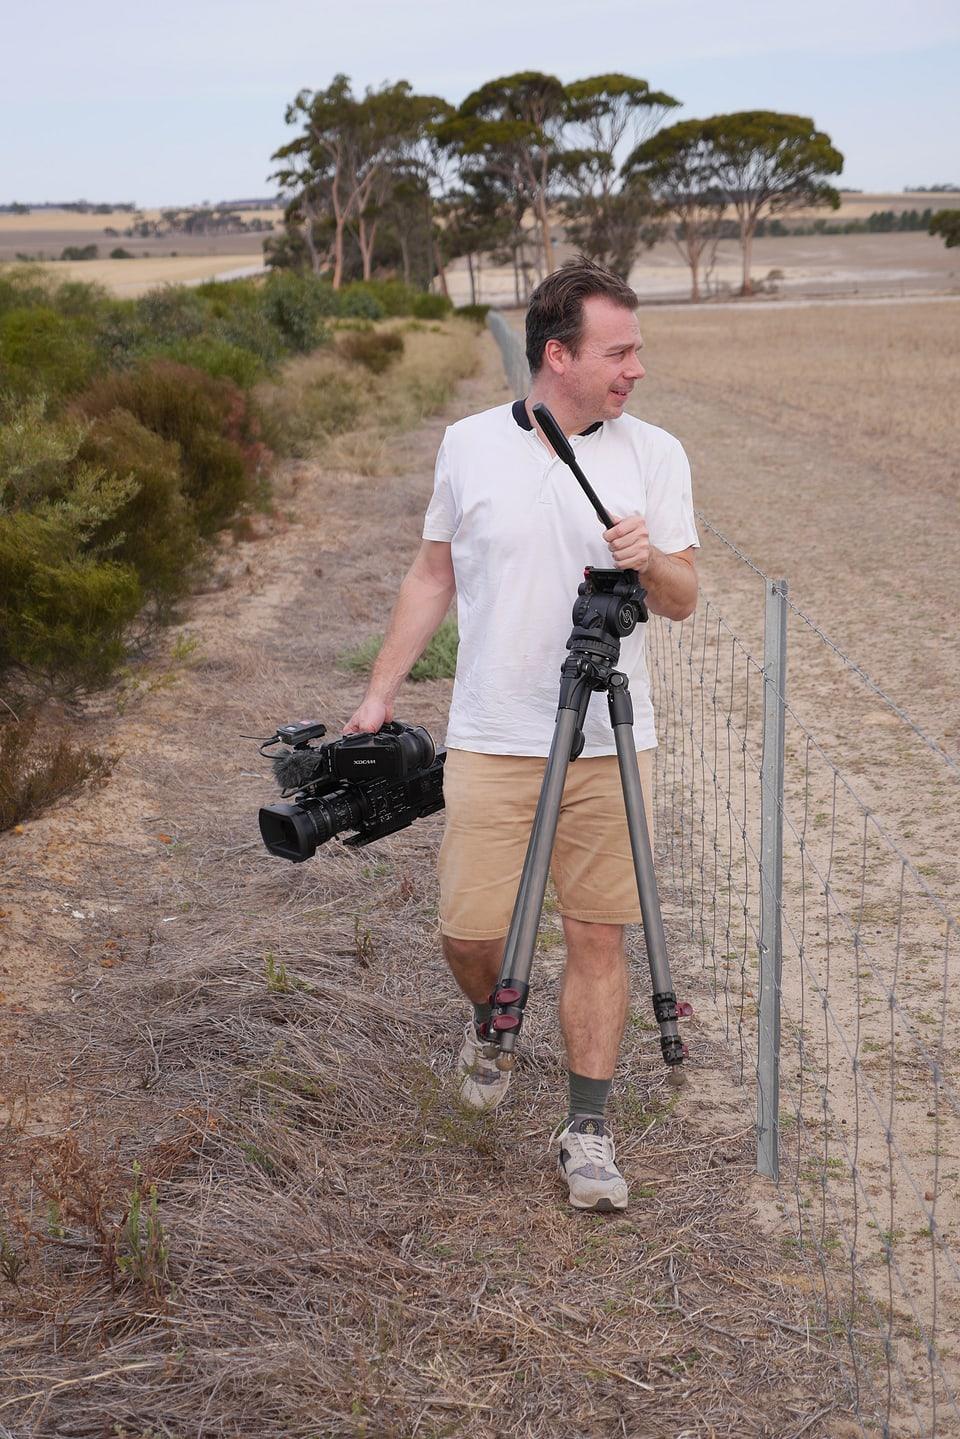 Ohne Jagdglück: Kameramann Sergio Cassini begegnete keinem einzigen lebendigen Känguru.